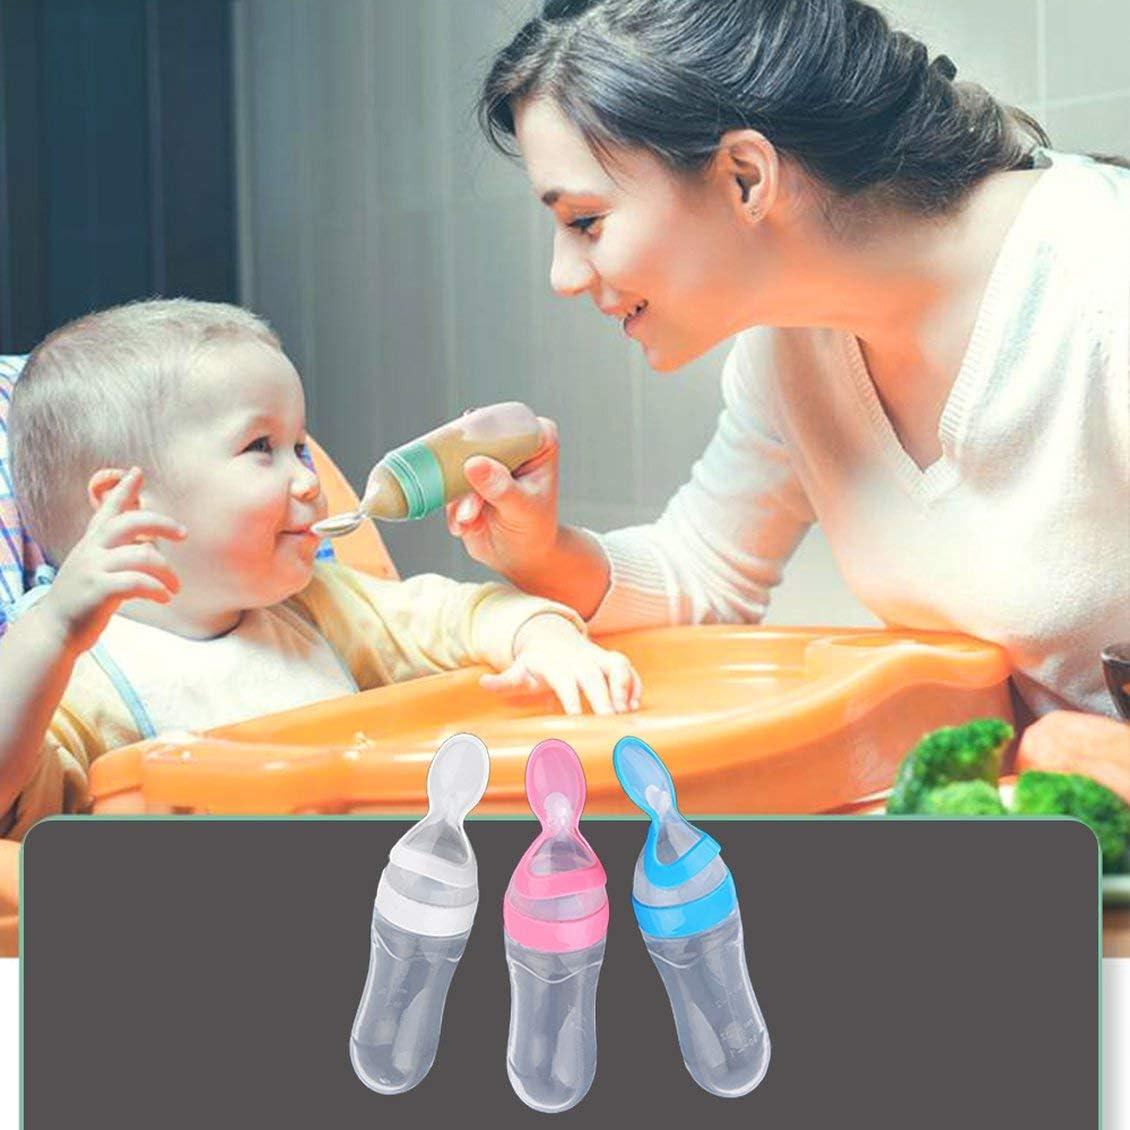 1 tama/ño Biber/ón de silicona para exprimir el beb/é con una cuchara Alimentador de cereales de arroz 90ML Alimentador de leche fresca Herramientas de alimentaci/ón